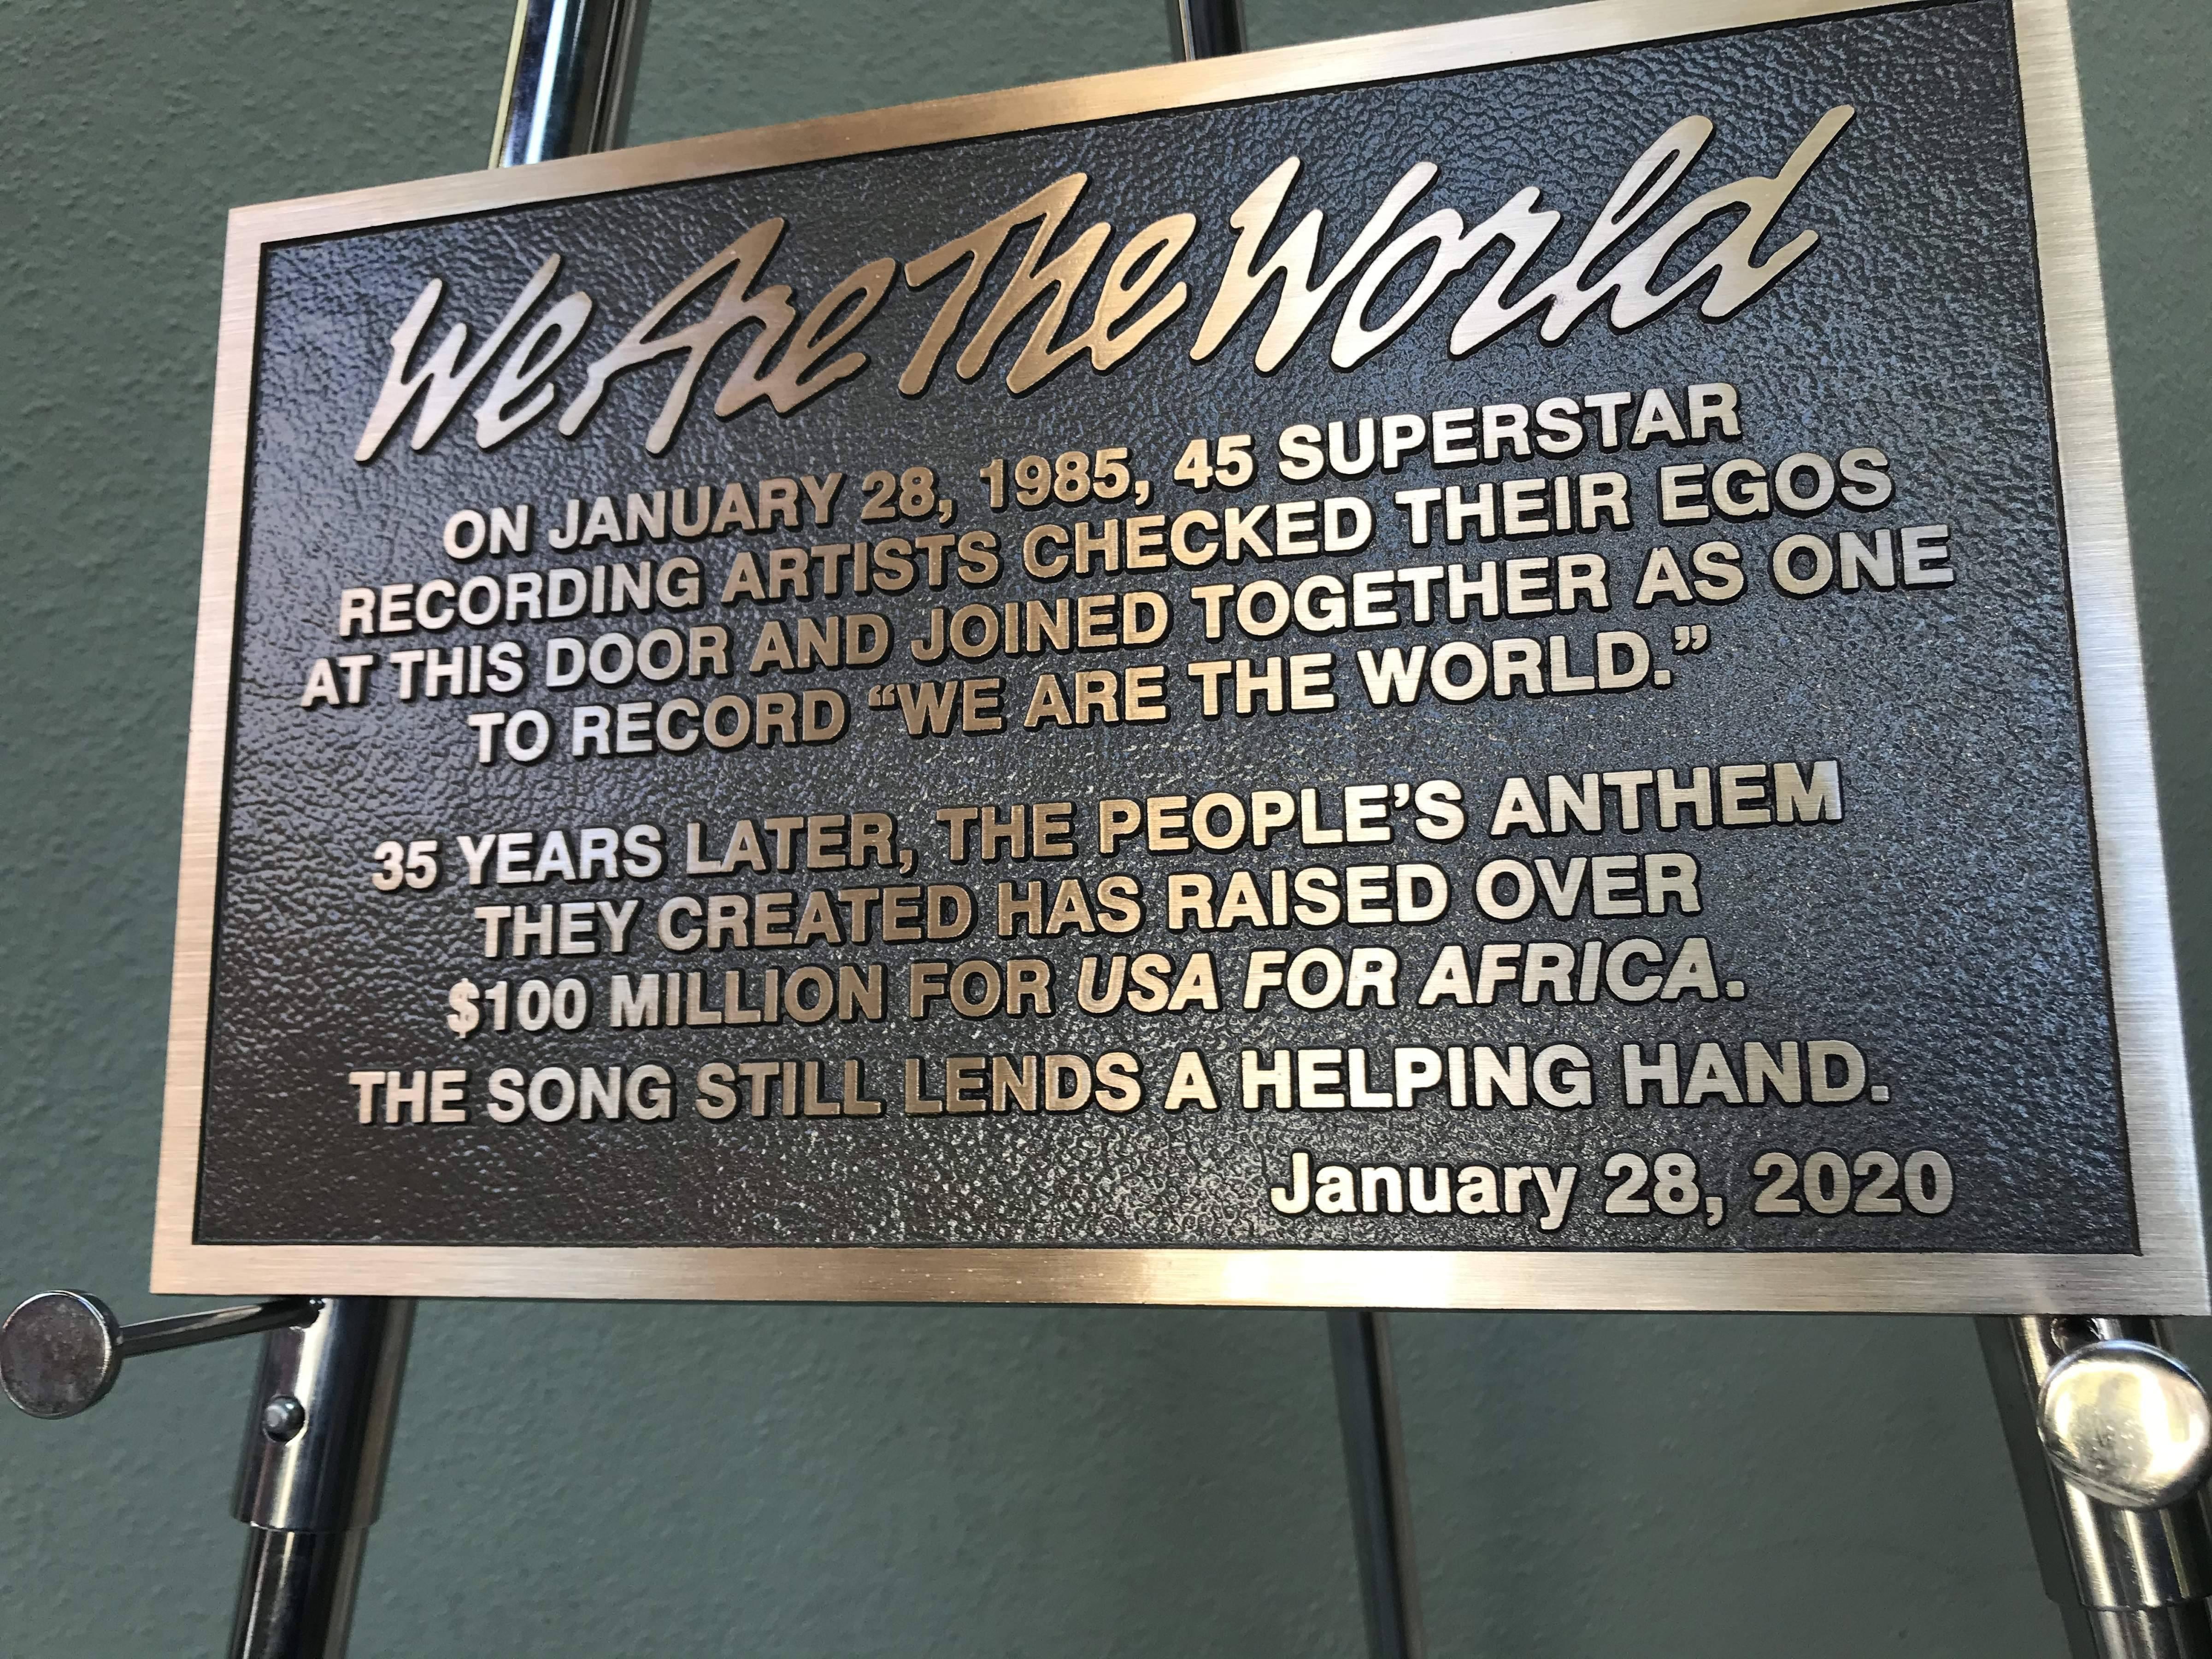 Памятная табличка, установленная к35-летию записи песни We Are The World вГолливуде, январь 2020